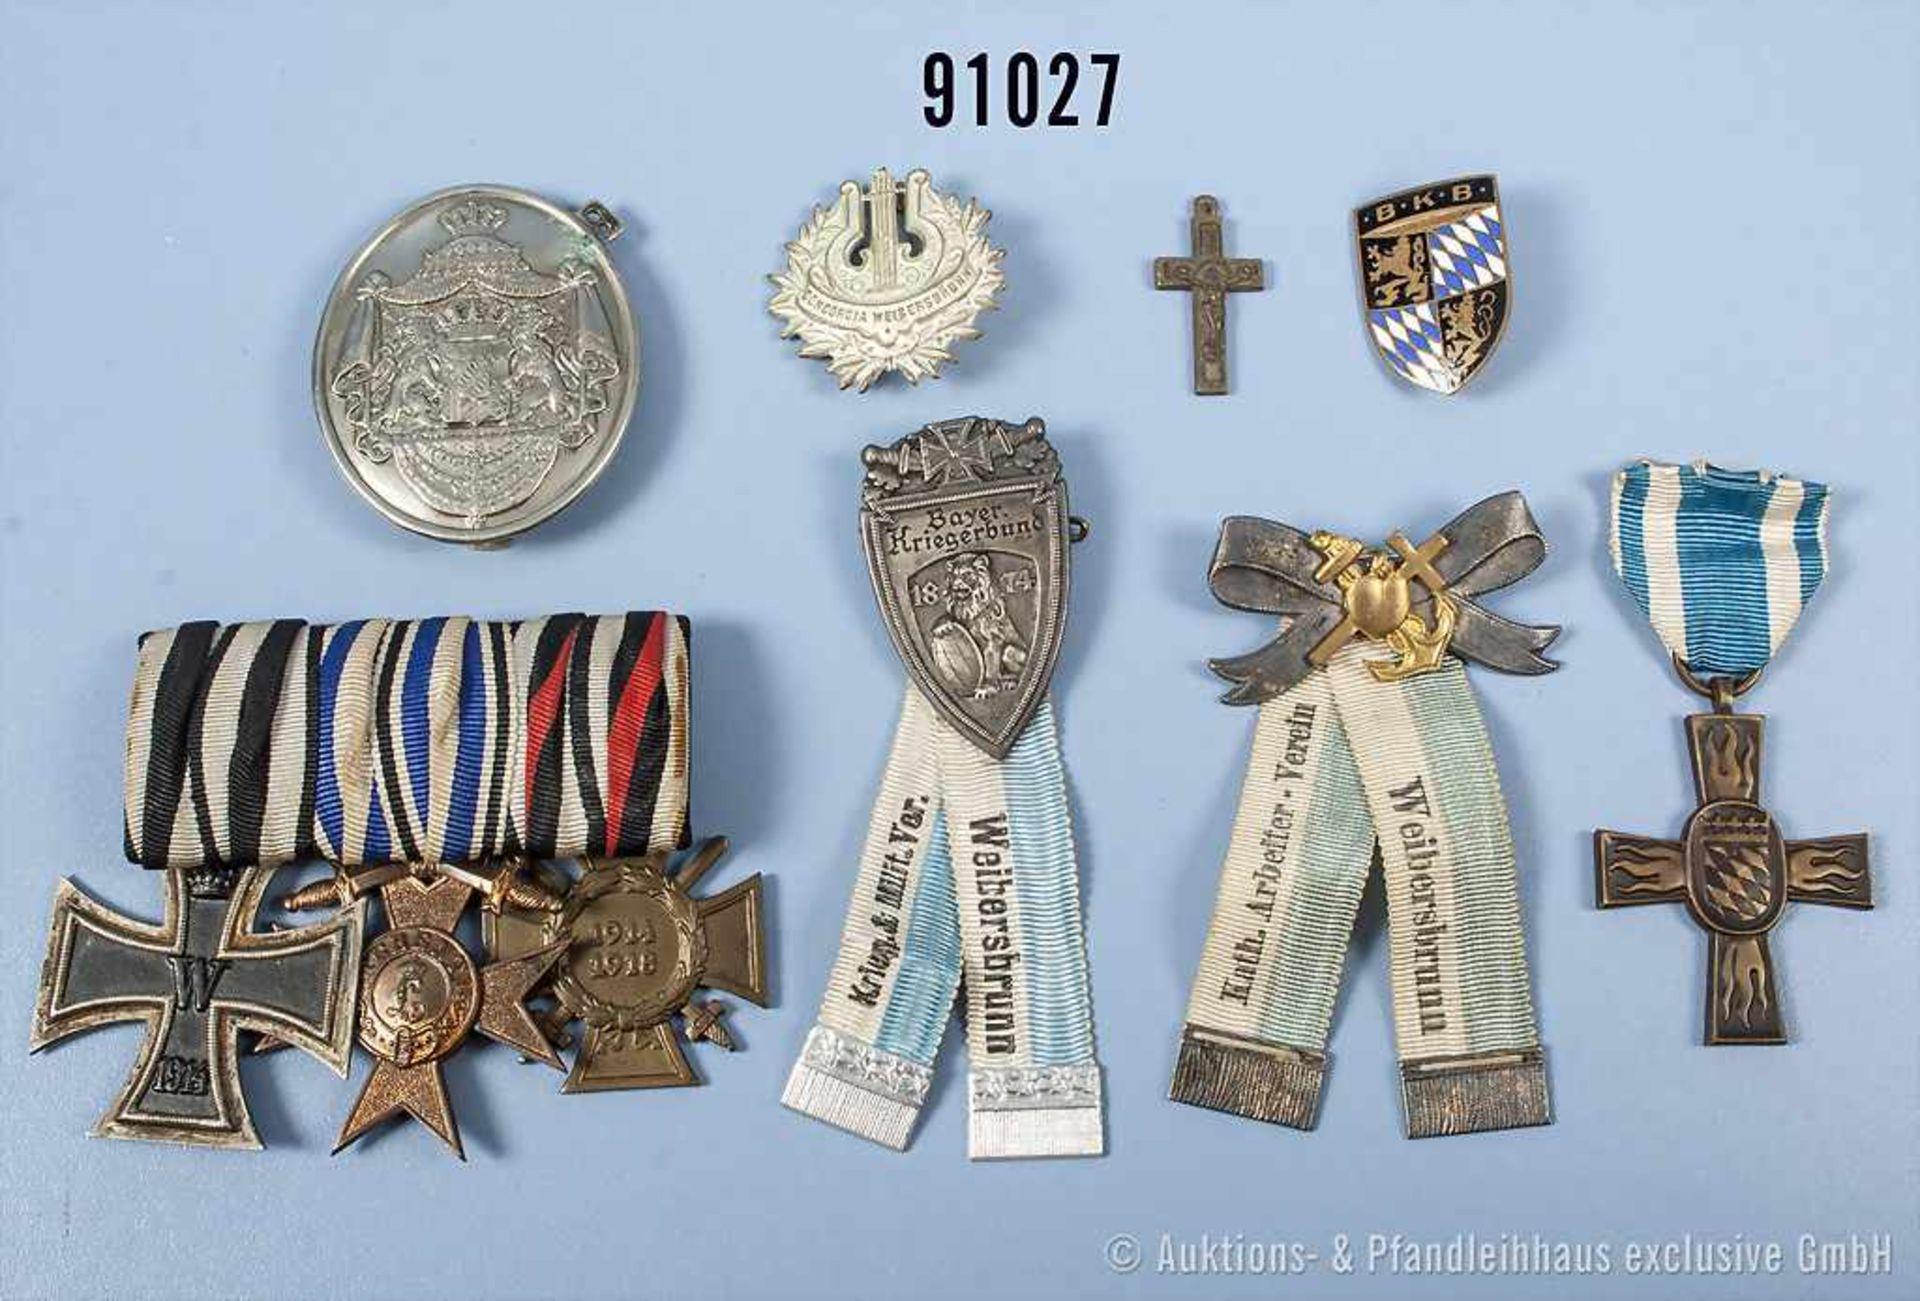 Konv. überwiegend Bayern, u.a. 3er Ordenspange, EK 2 1914, MVK 3. Klasse mit Schwertern und EKF,